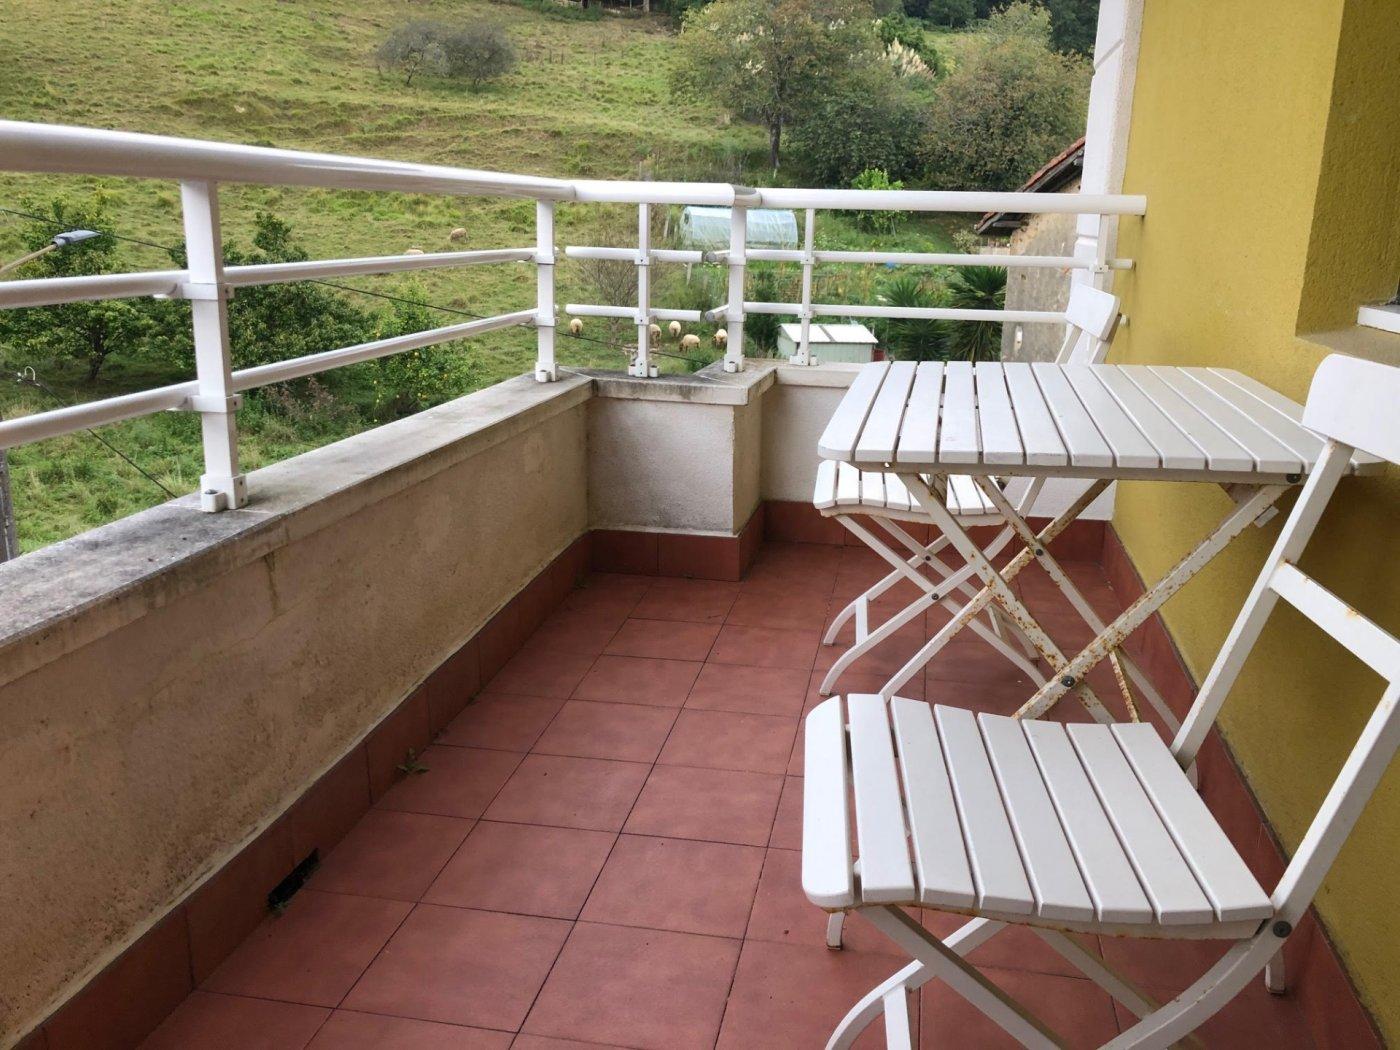 Apartamento, LIMPIAS, Alquiler/Asignación - Limpias (Cantabria)